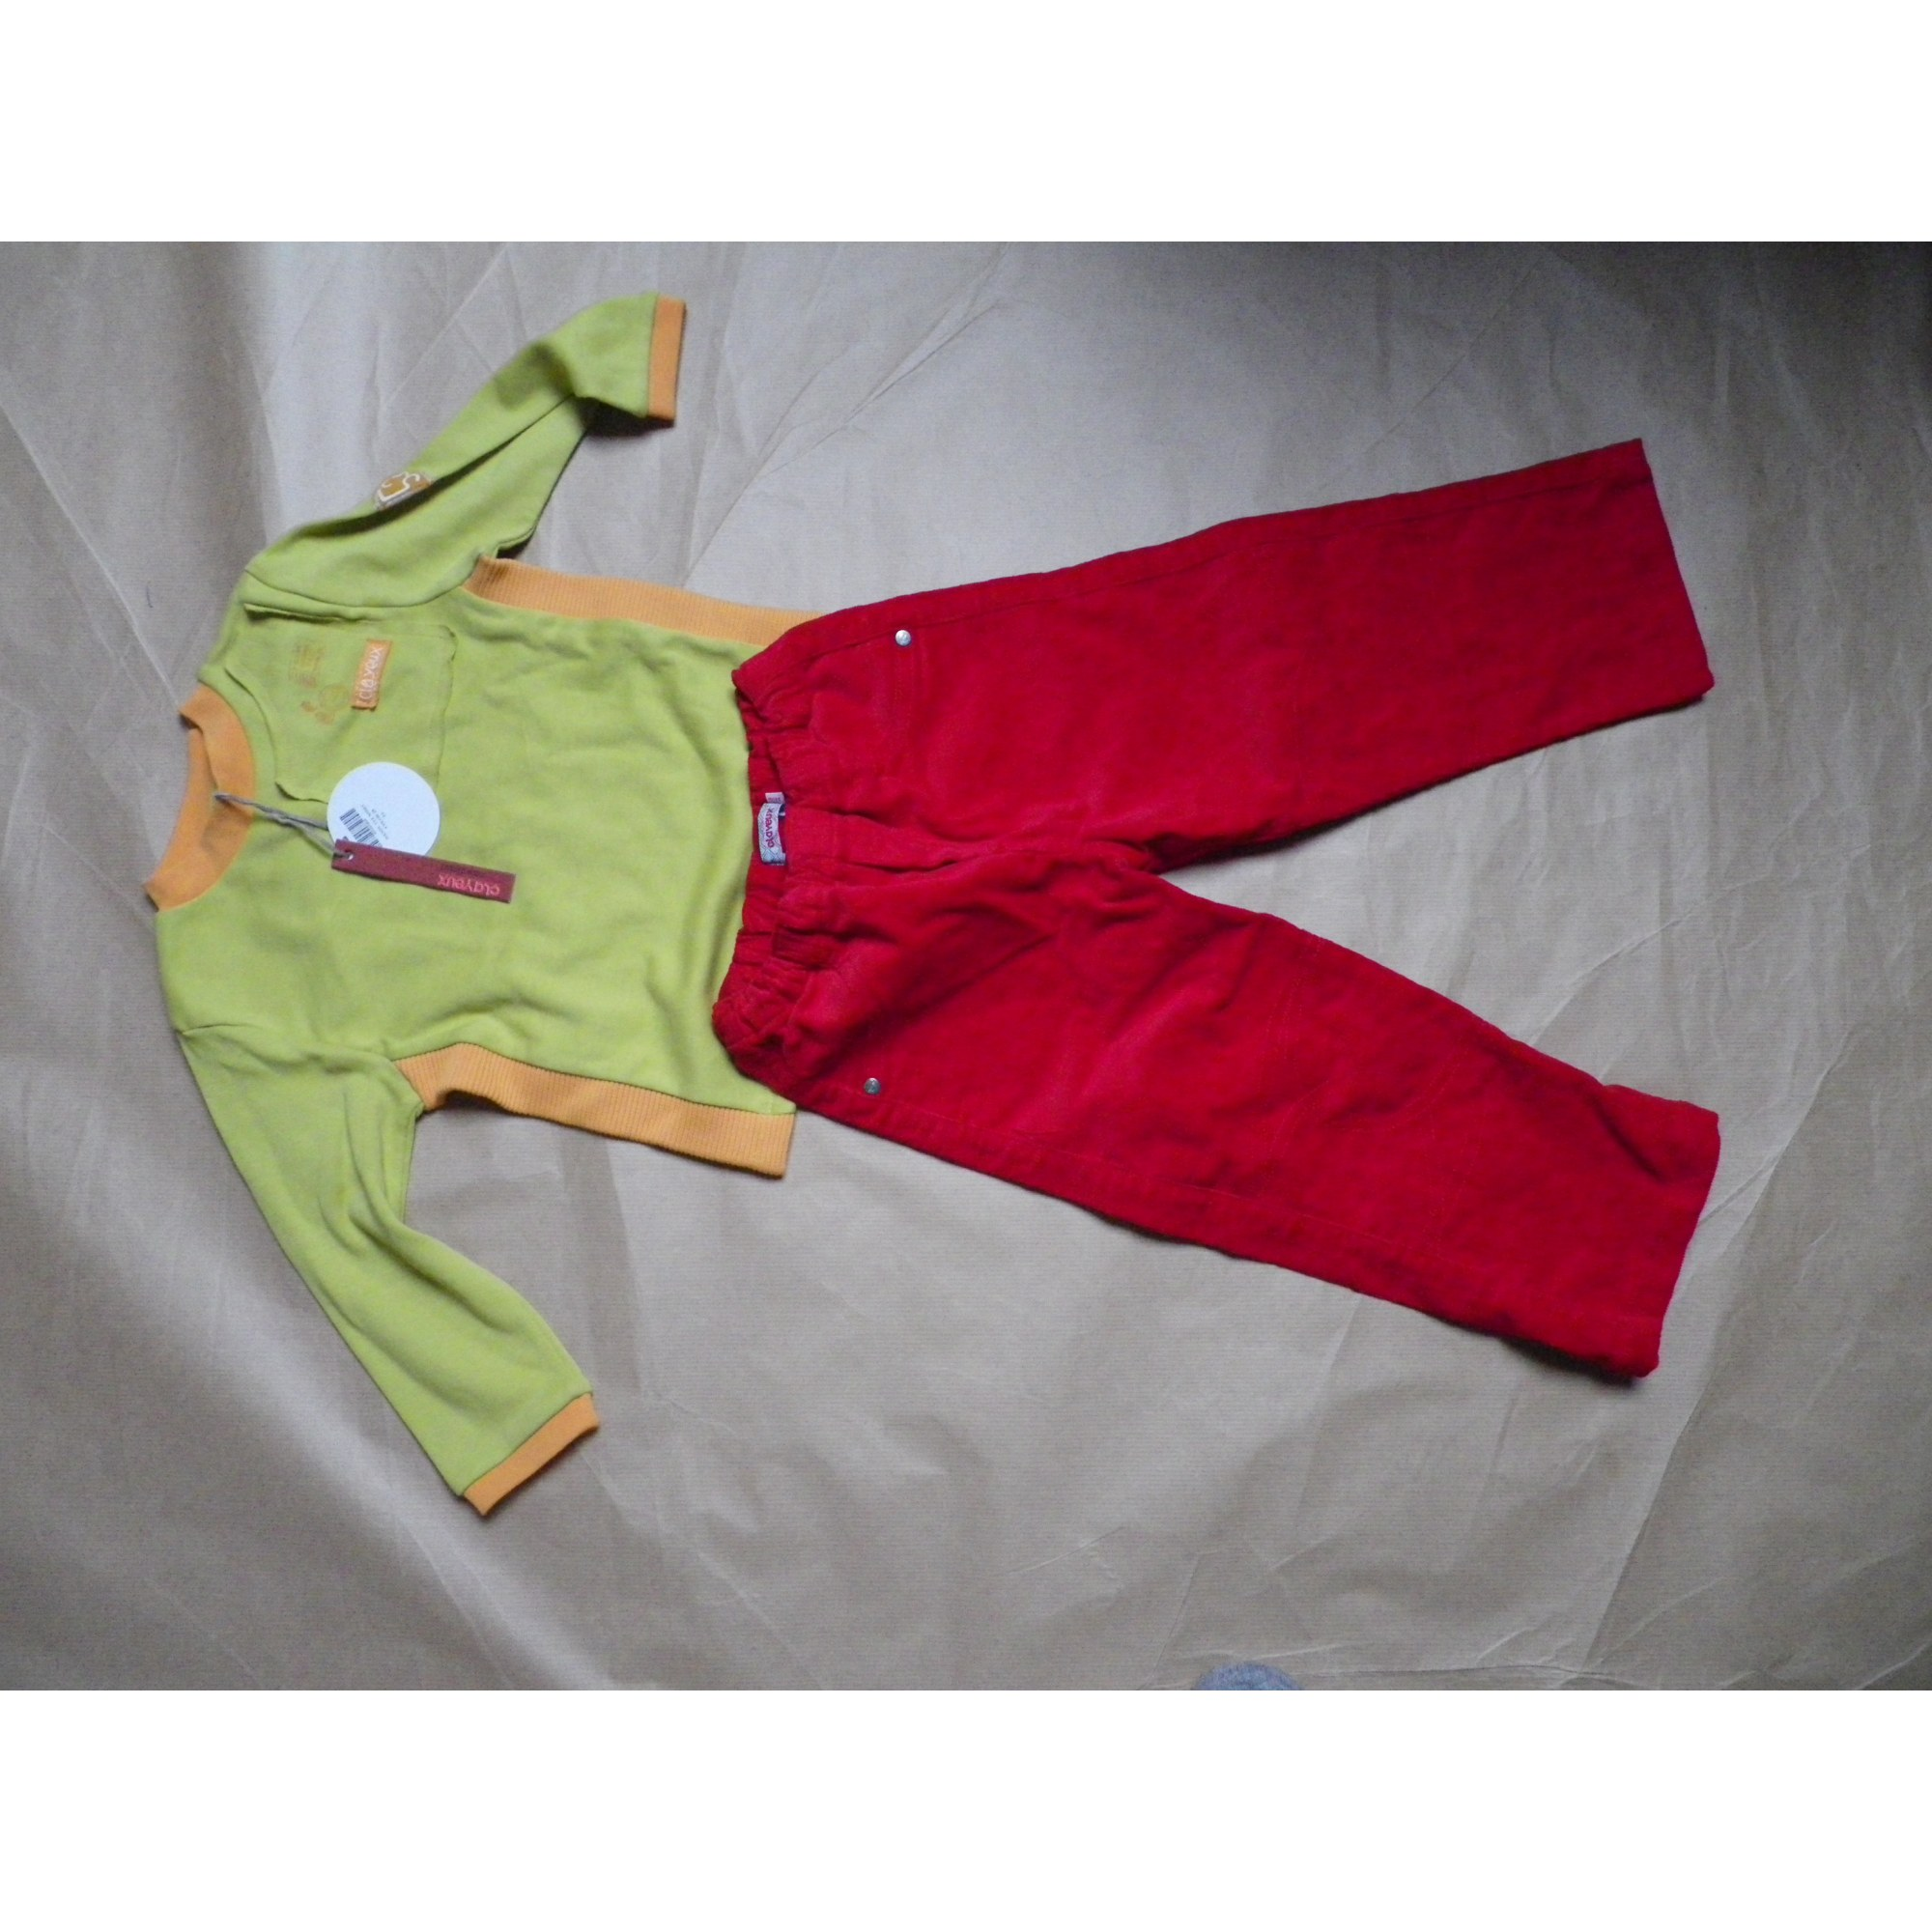 Pants Set, Outfit CLAYEUX Multicolor